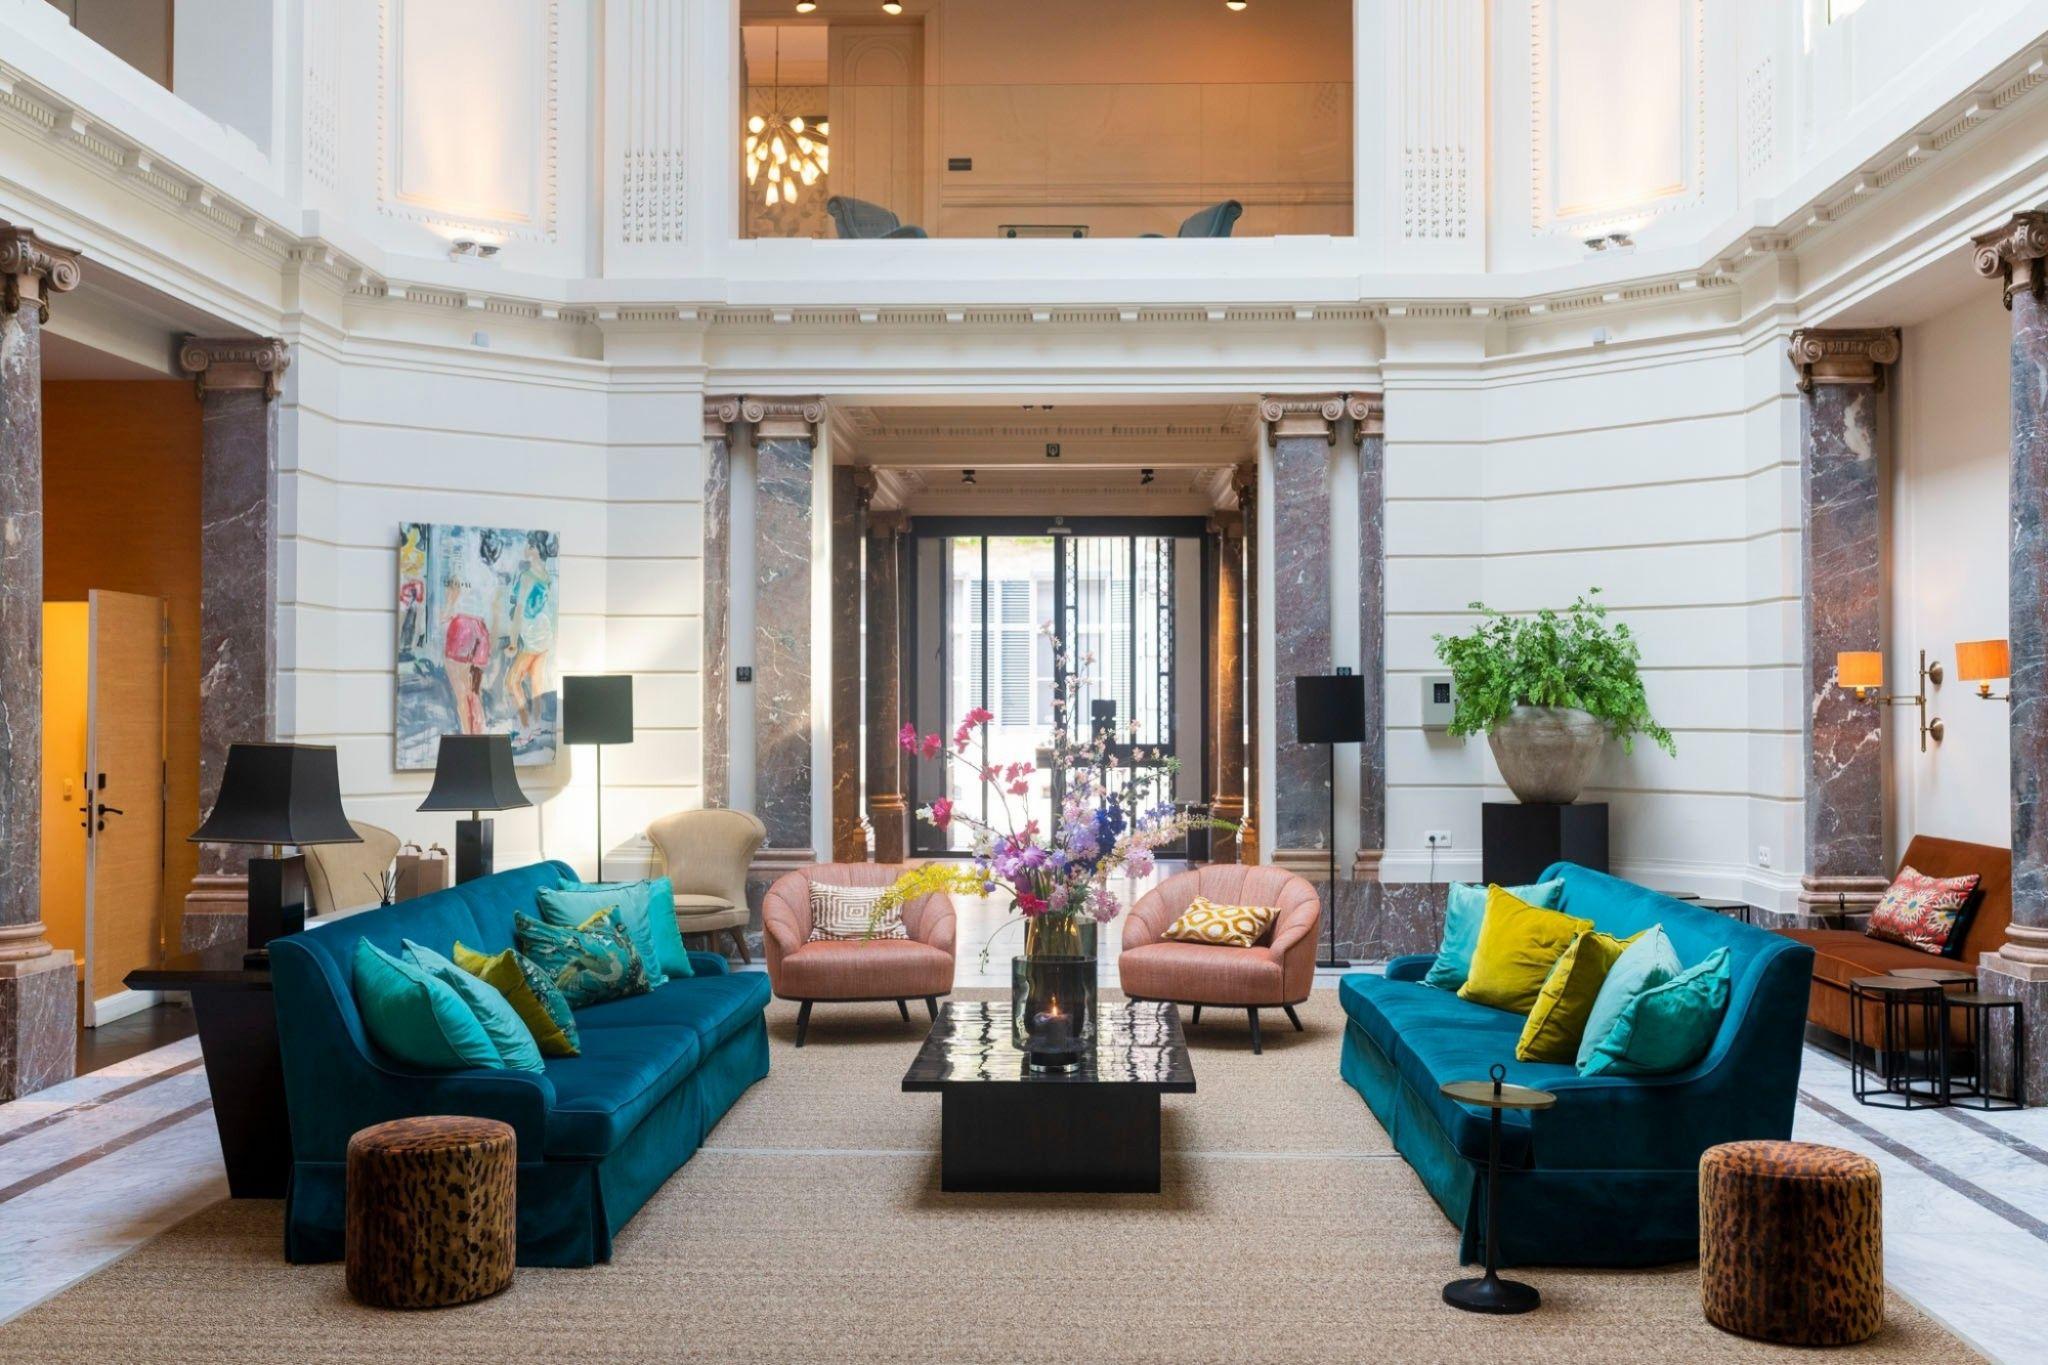 Hotel franq moonback antwerpen